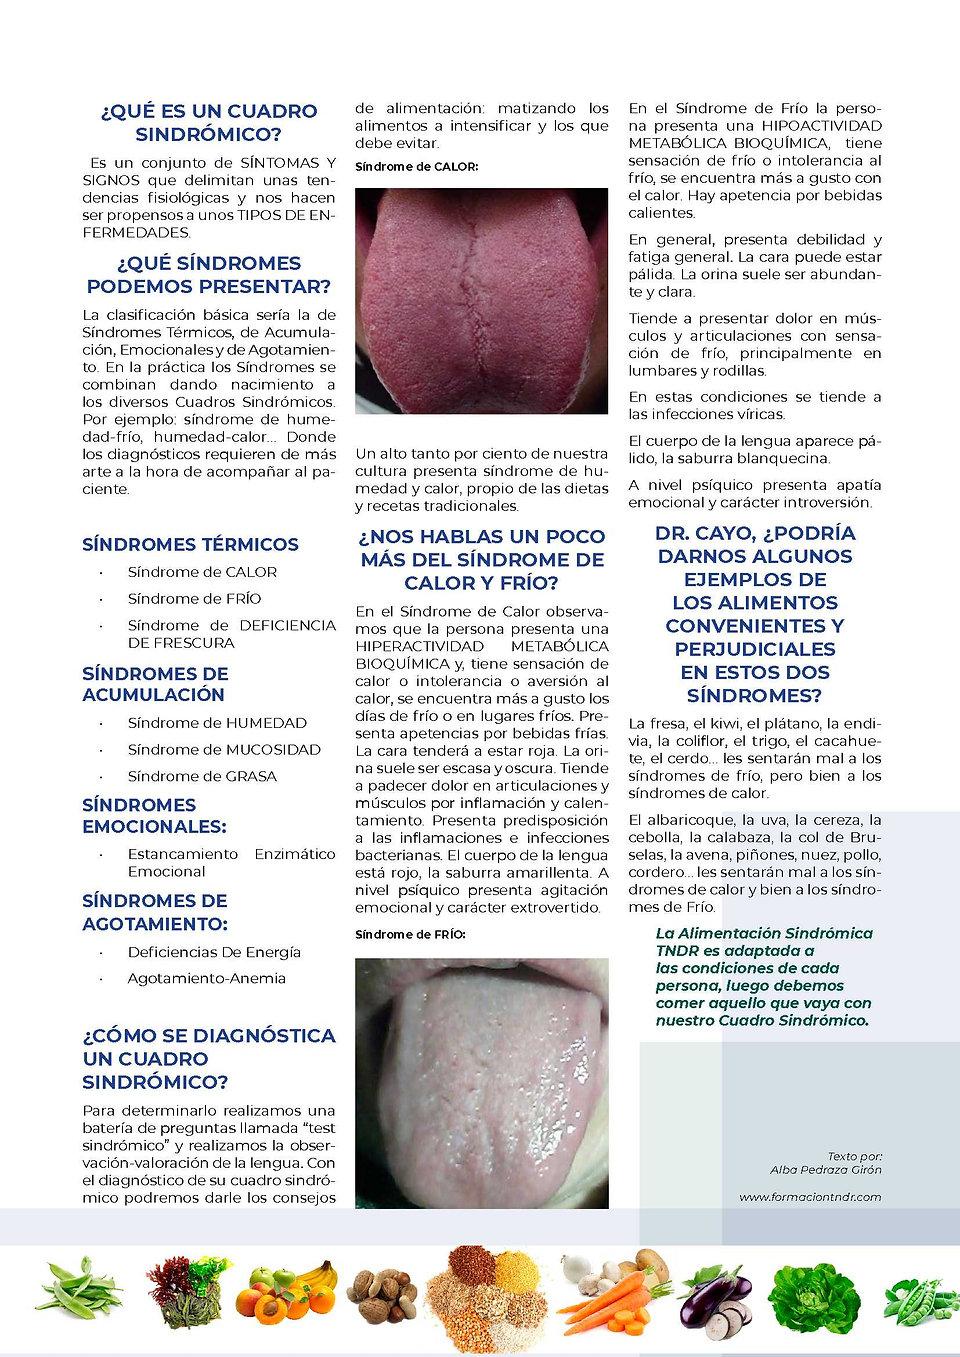 entrevista de Alba a Dr. Cayo_2.jpg